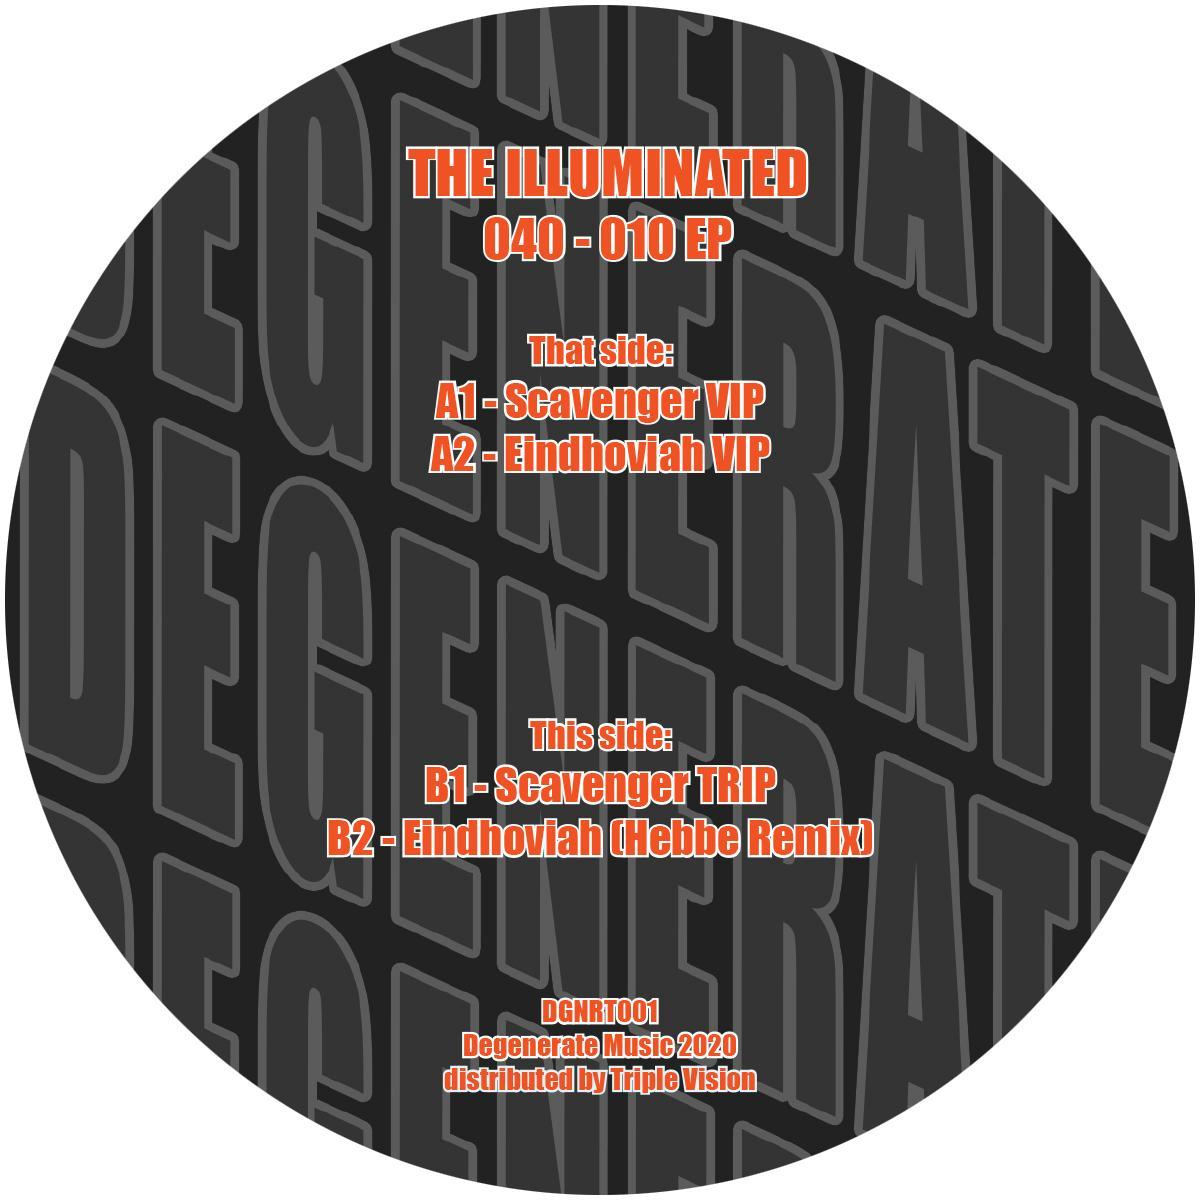 """Illuminated/040 - 010 EP 12"""""""